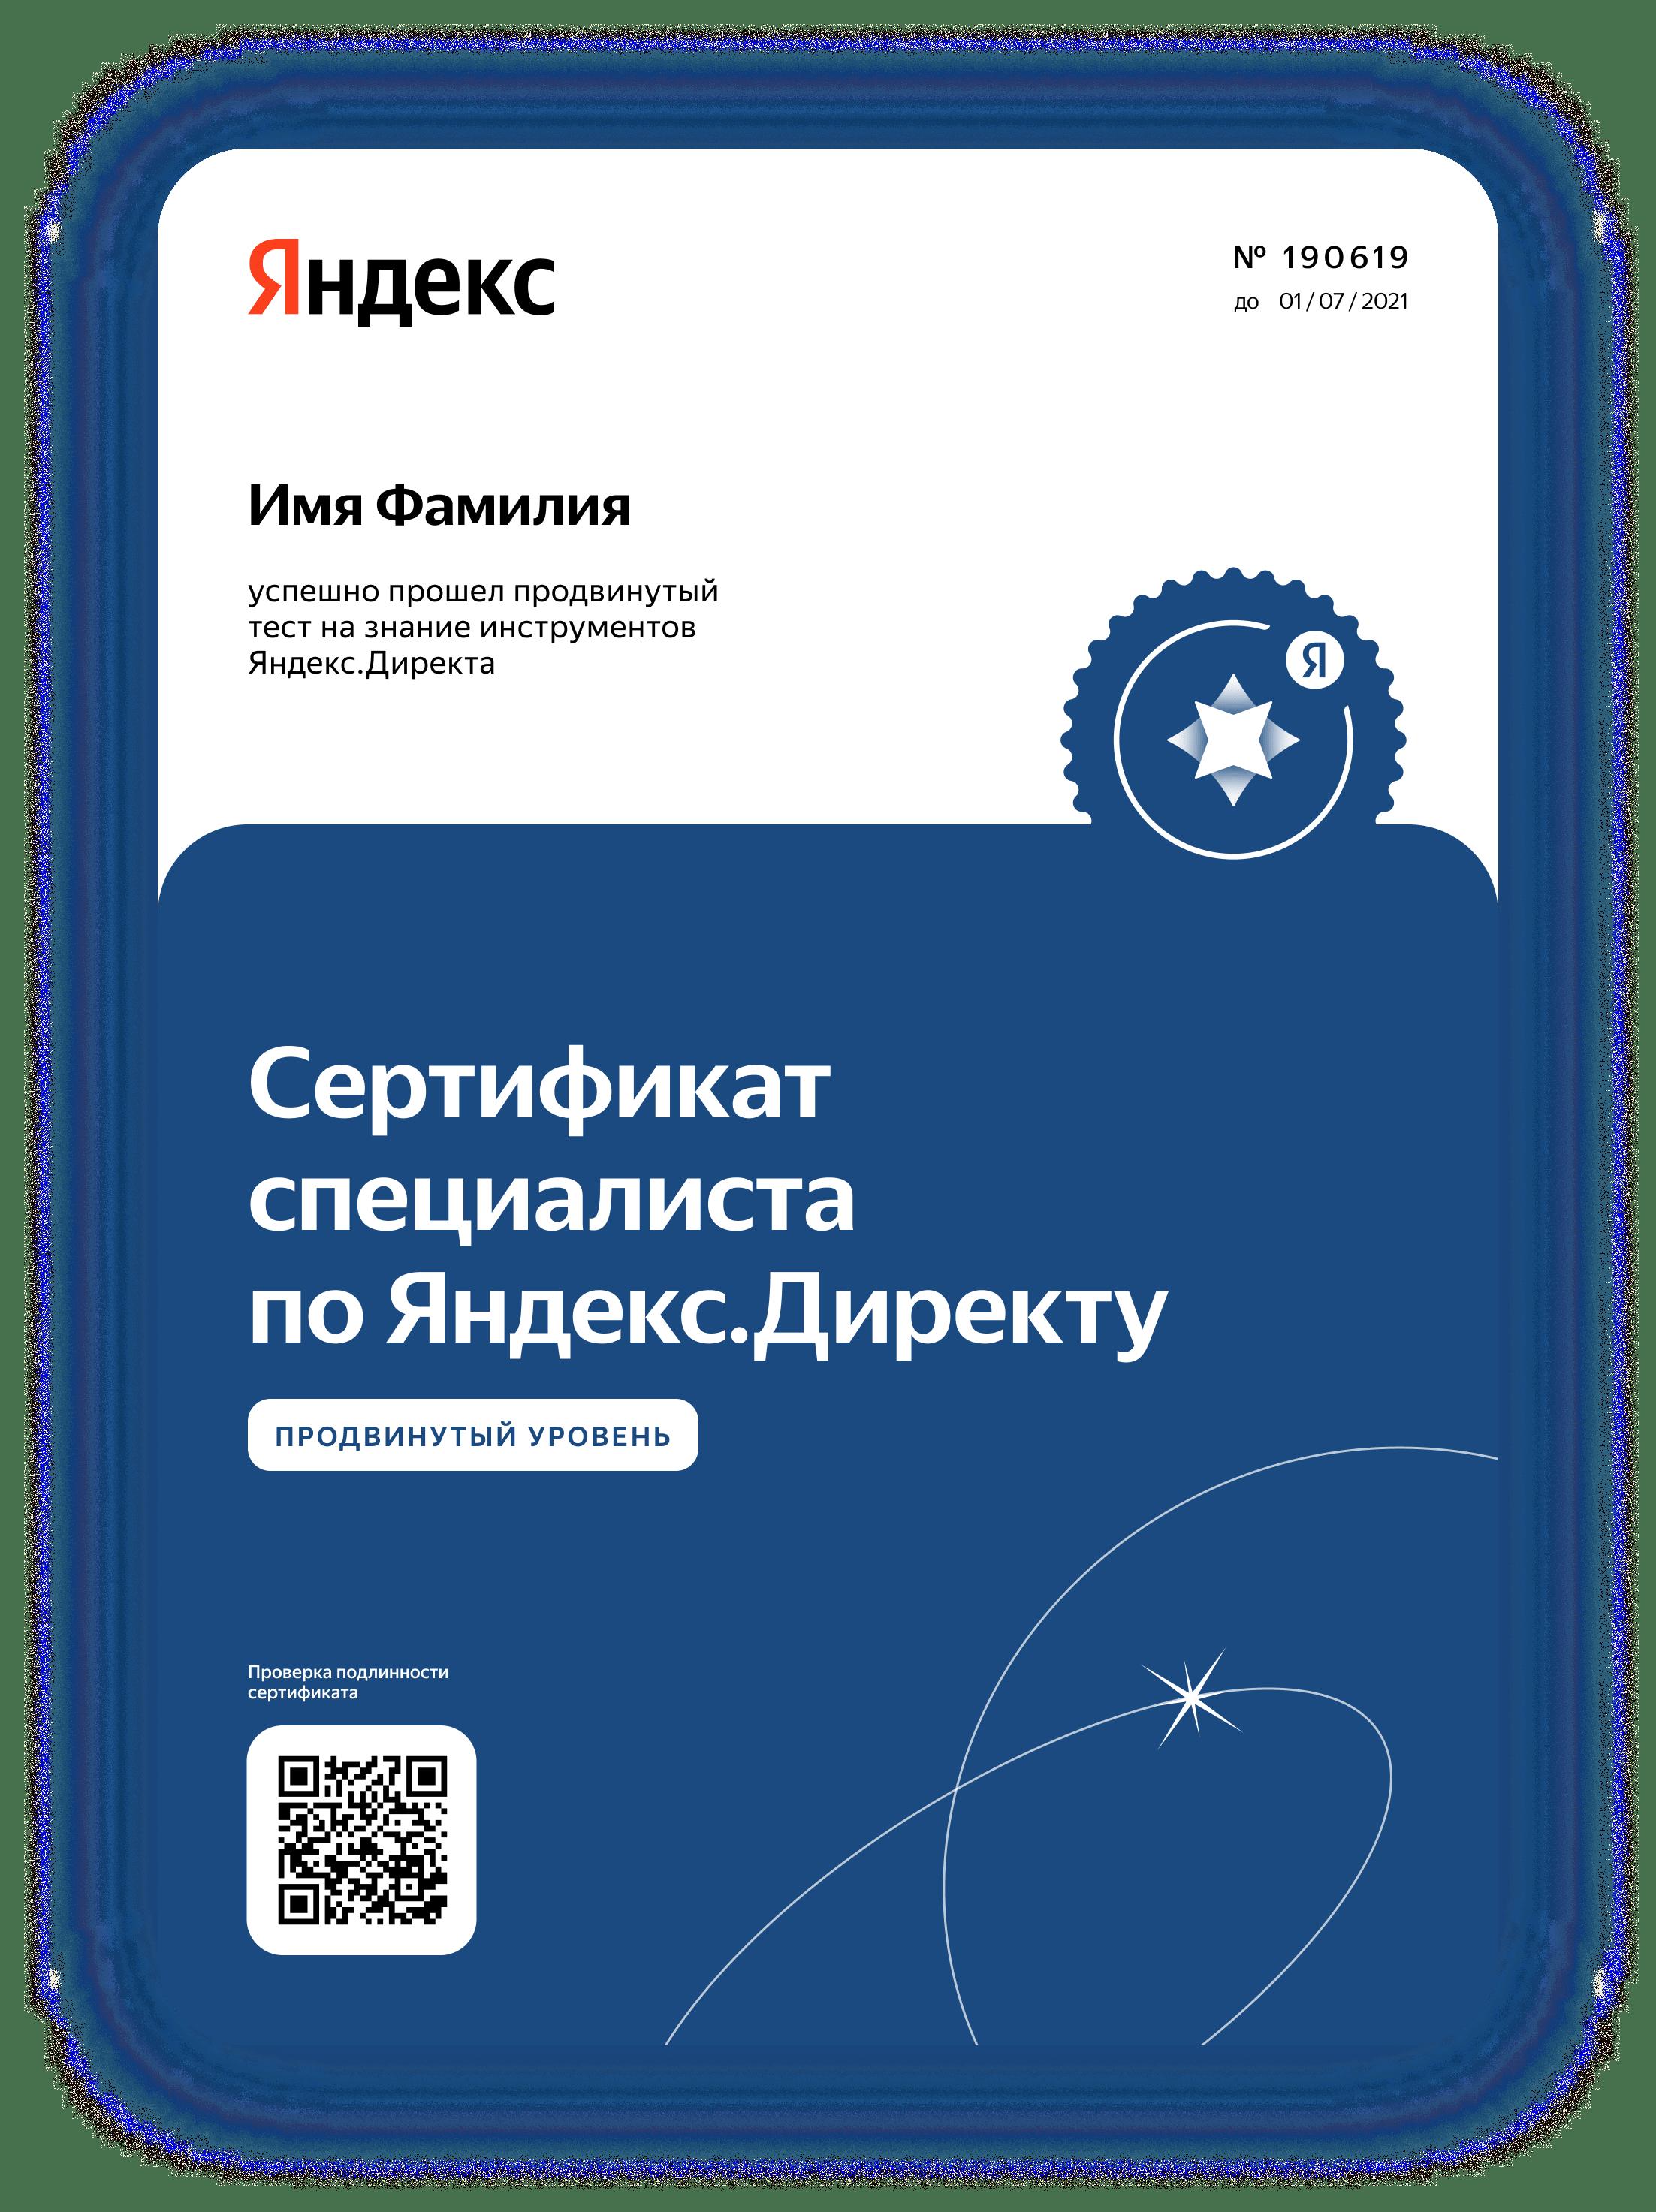 Яндекс.Директ - Продвинутый уровень